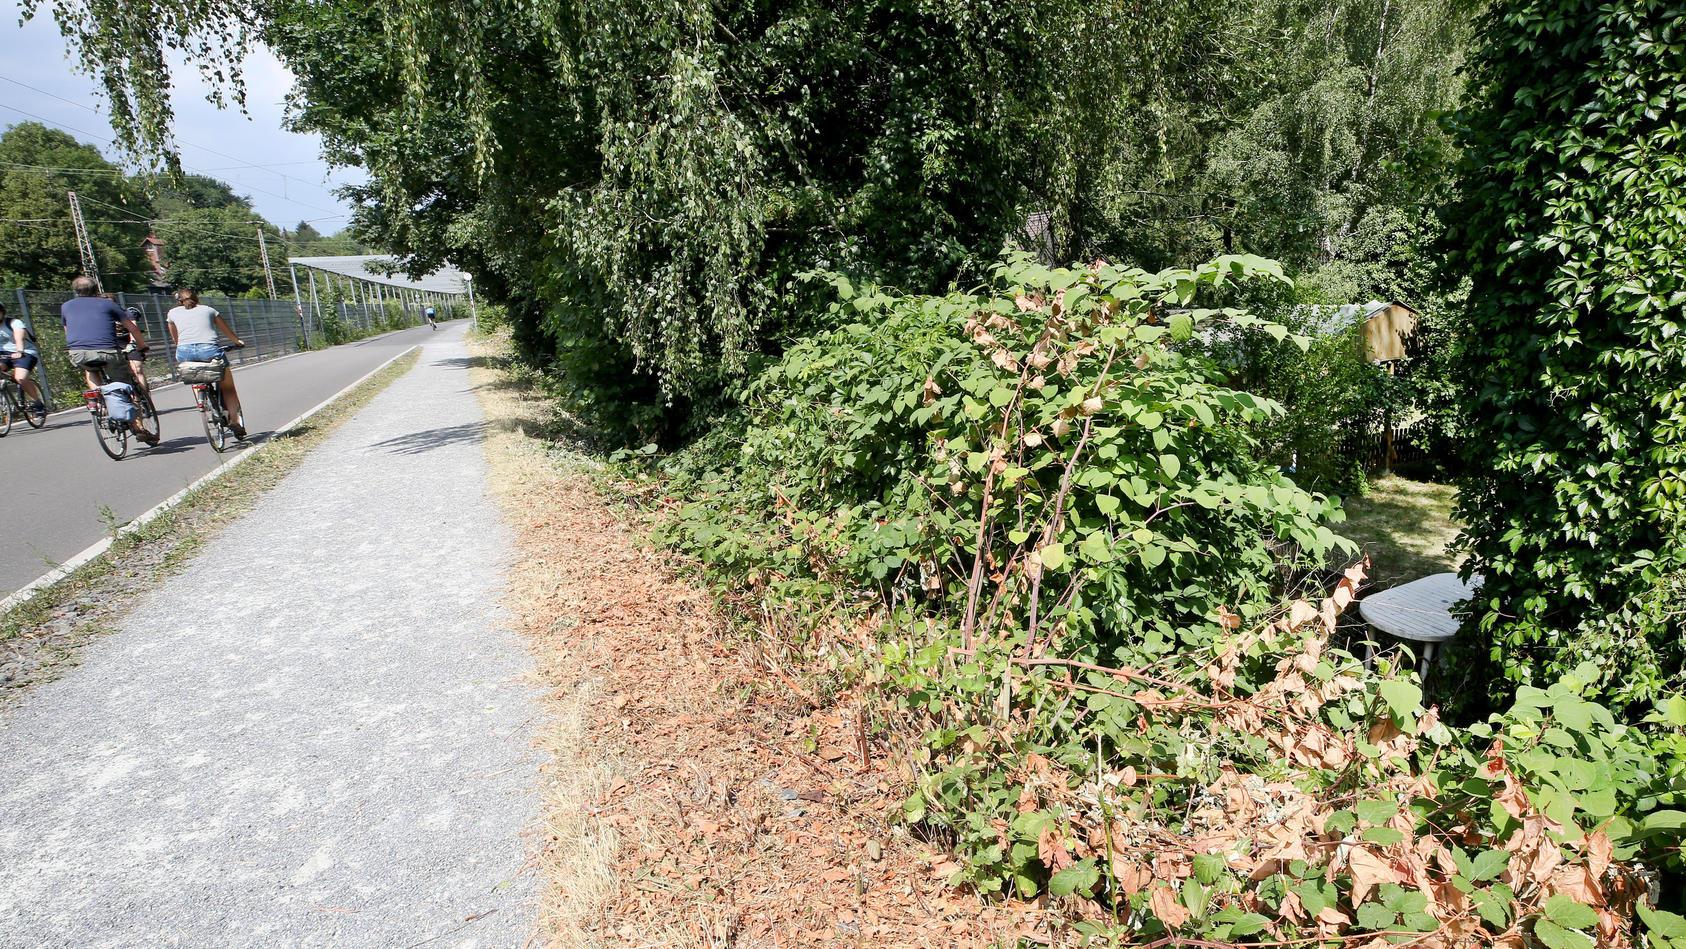 In der Nähe dieses Gebüsches, das am Radschnellweg liegt, soll eine junge Frau von einer Gruppe Jugendlicher überfallen und sexuell missbraucht worden sein.